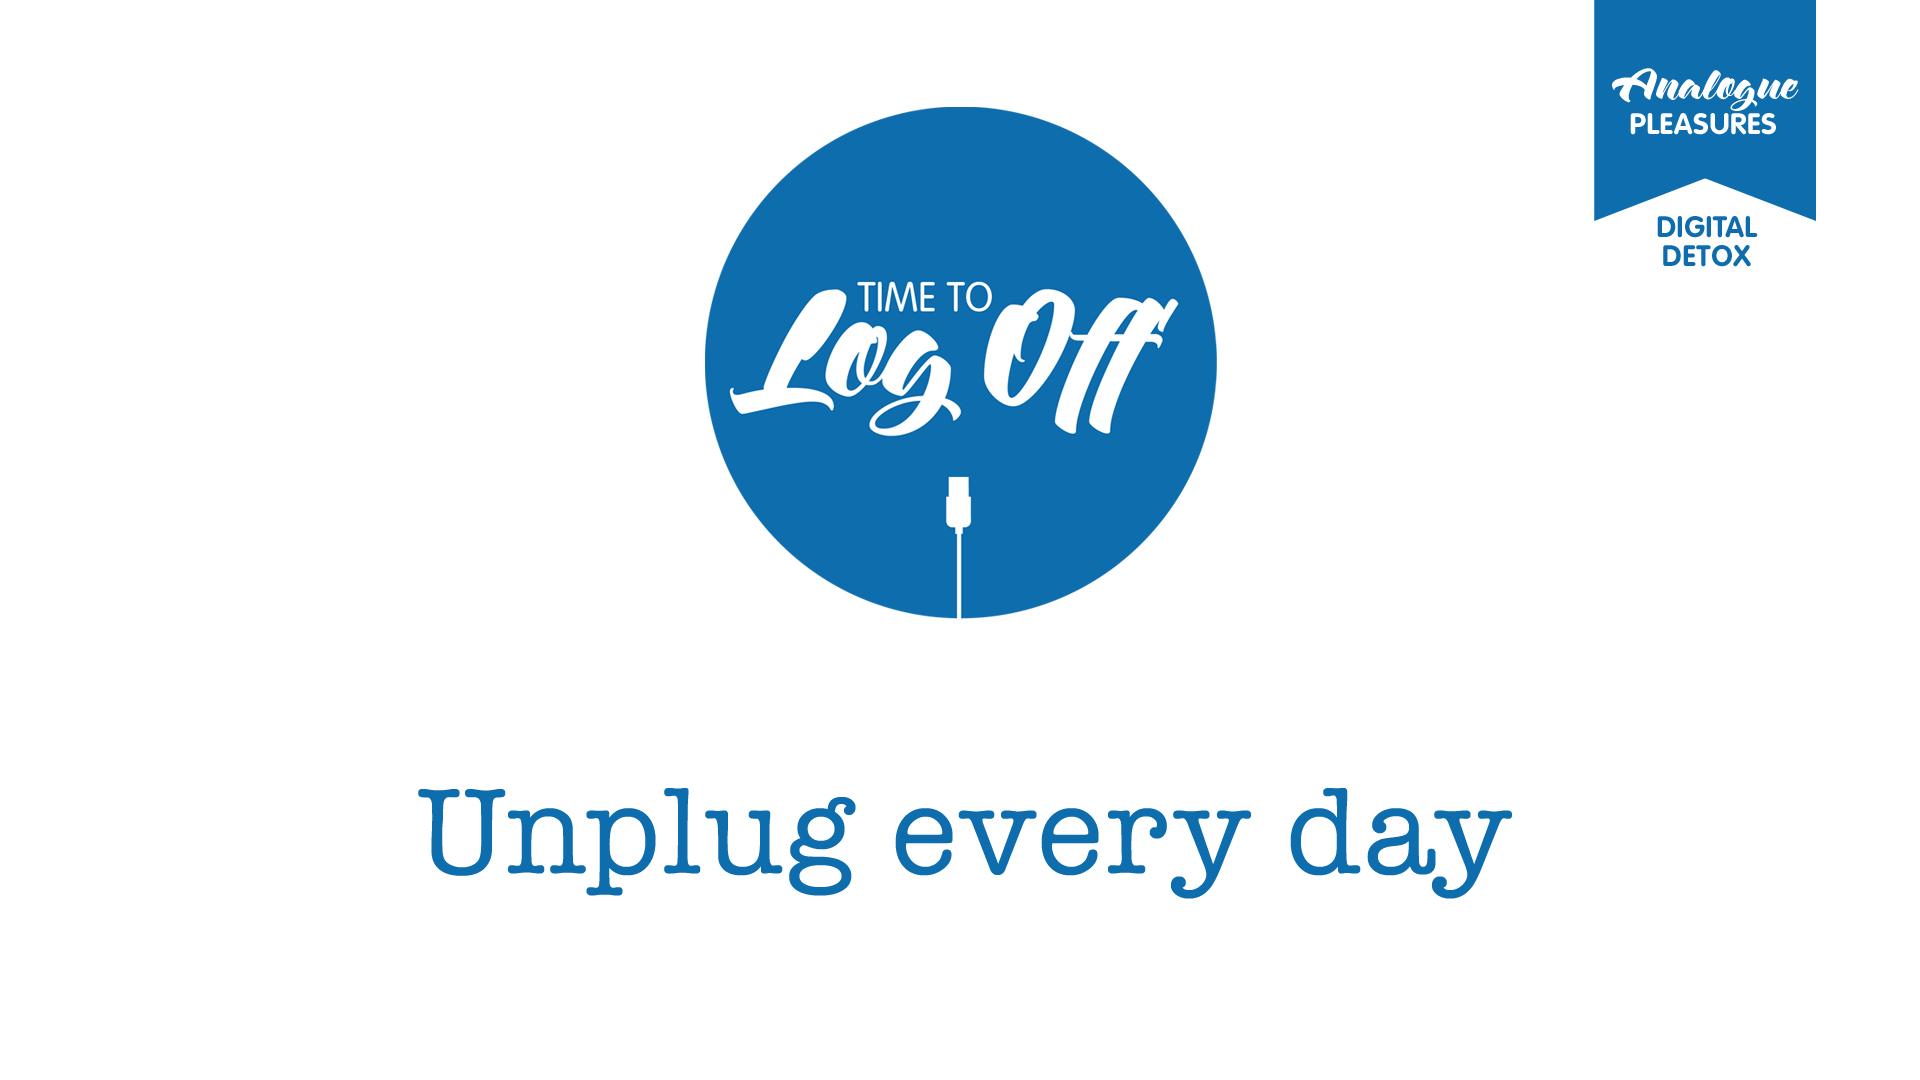 Unplug everyday